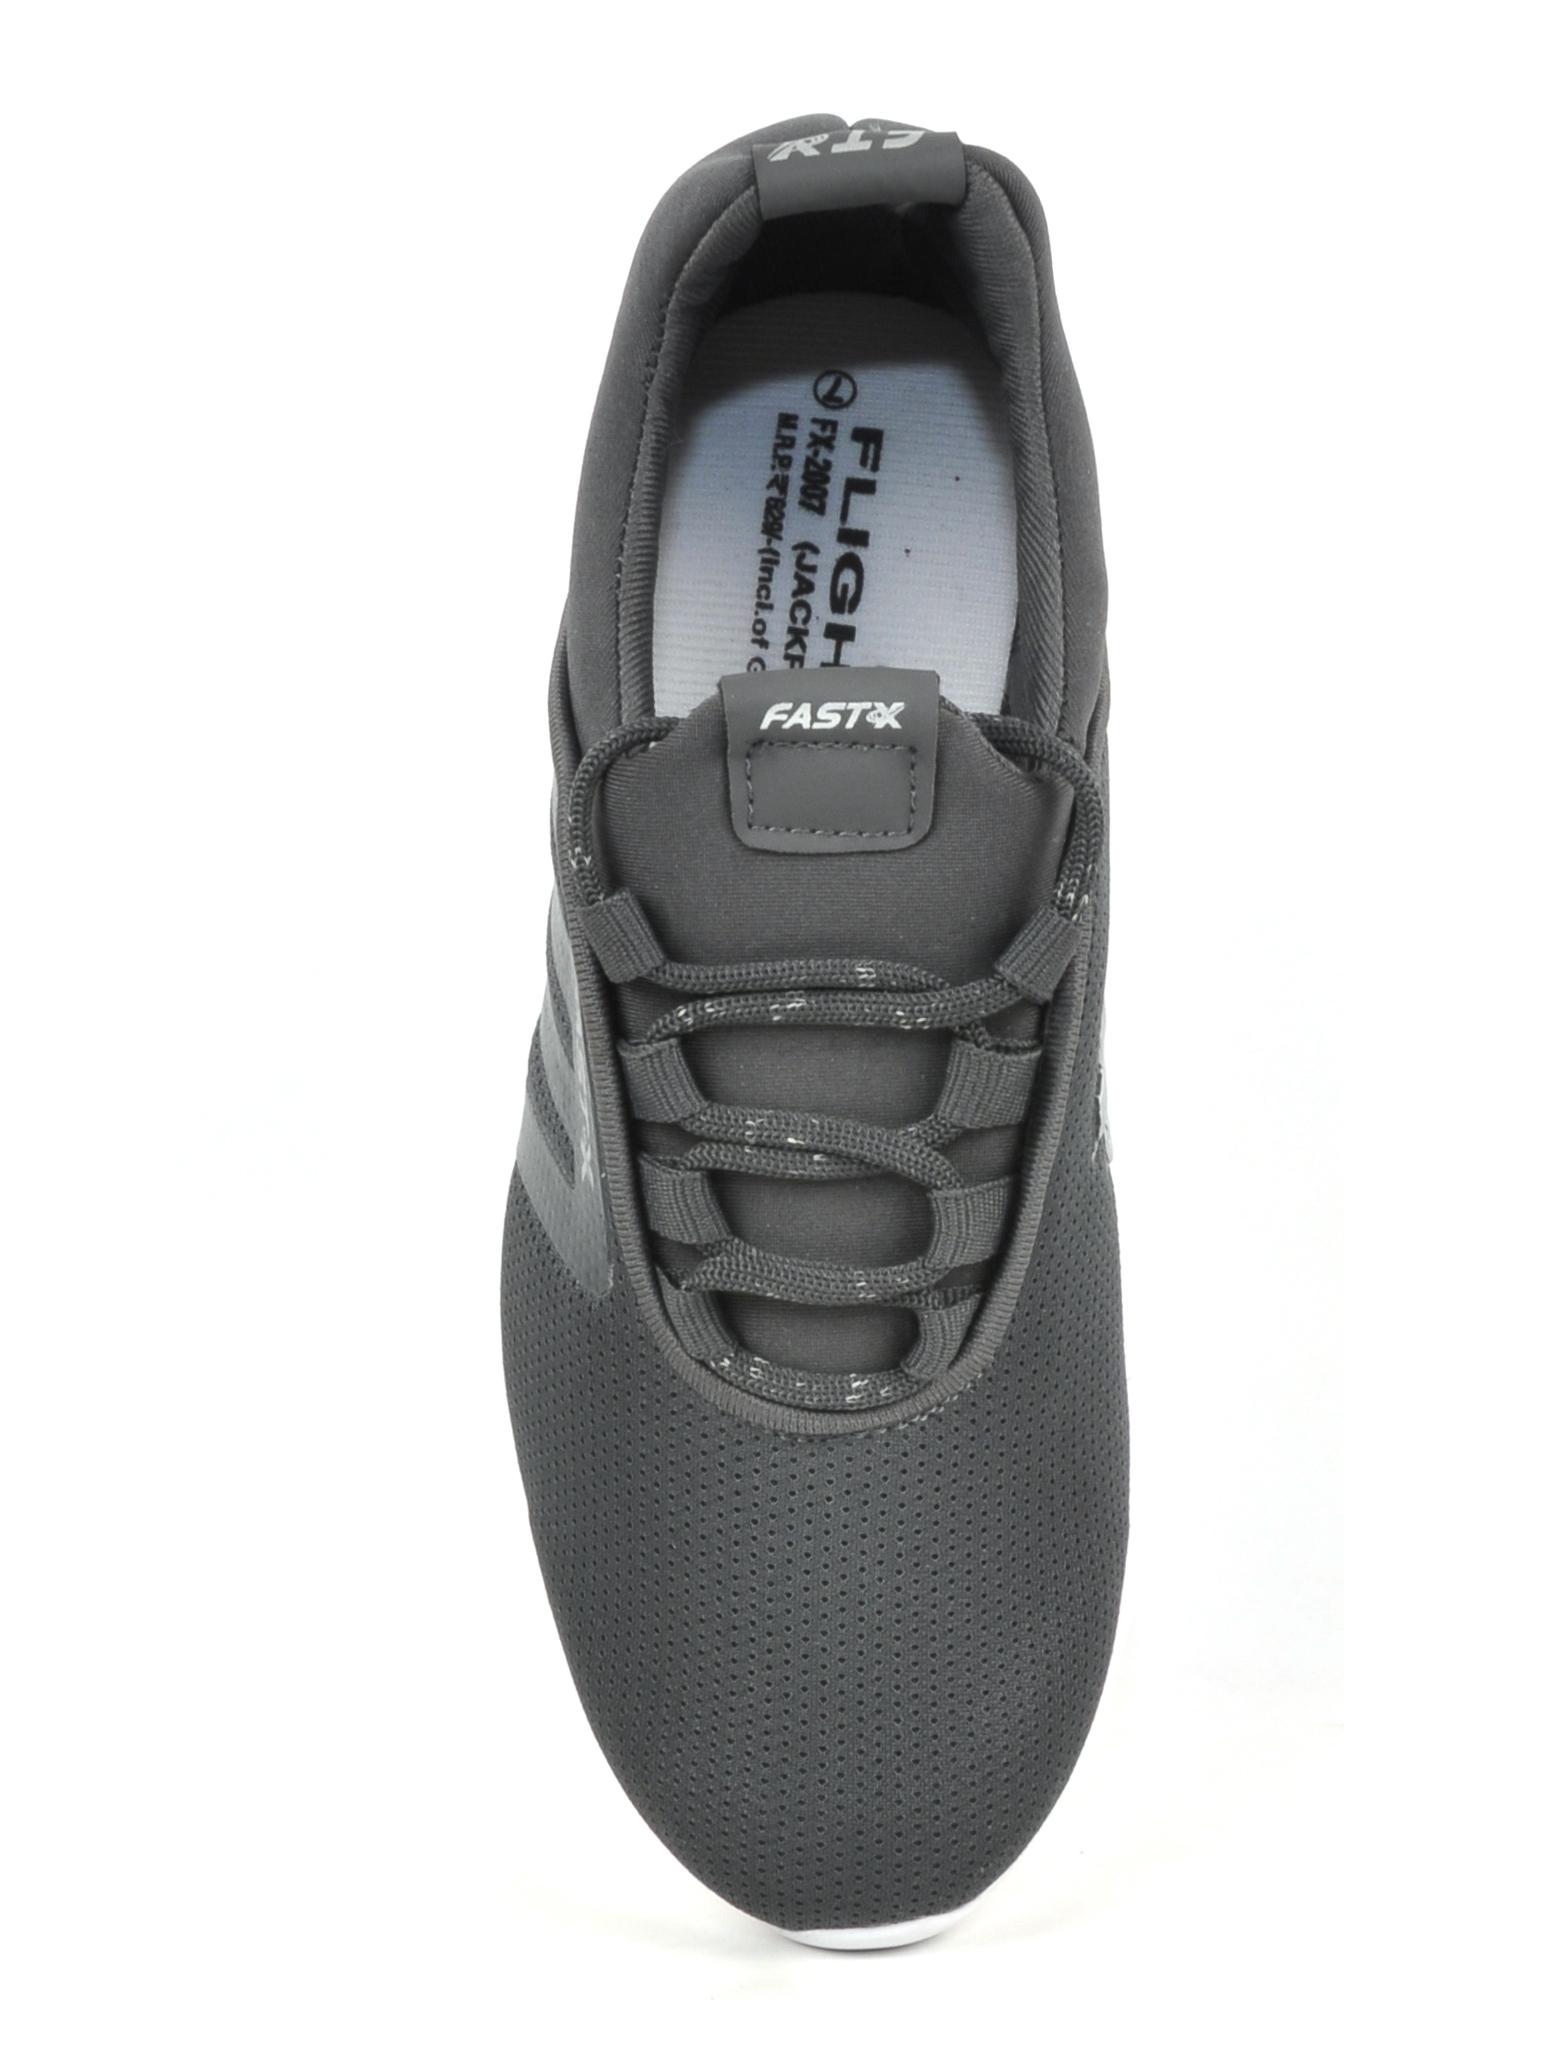 Men's gym shoes